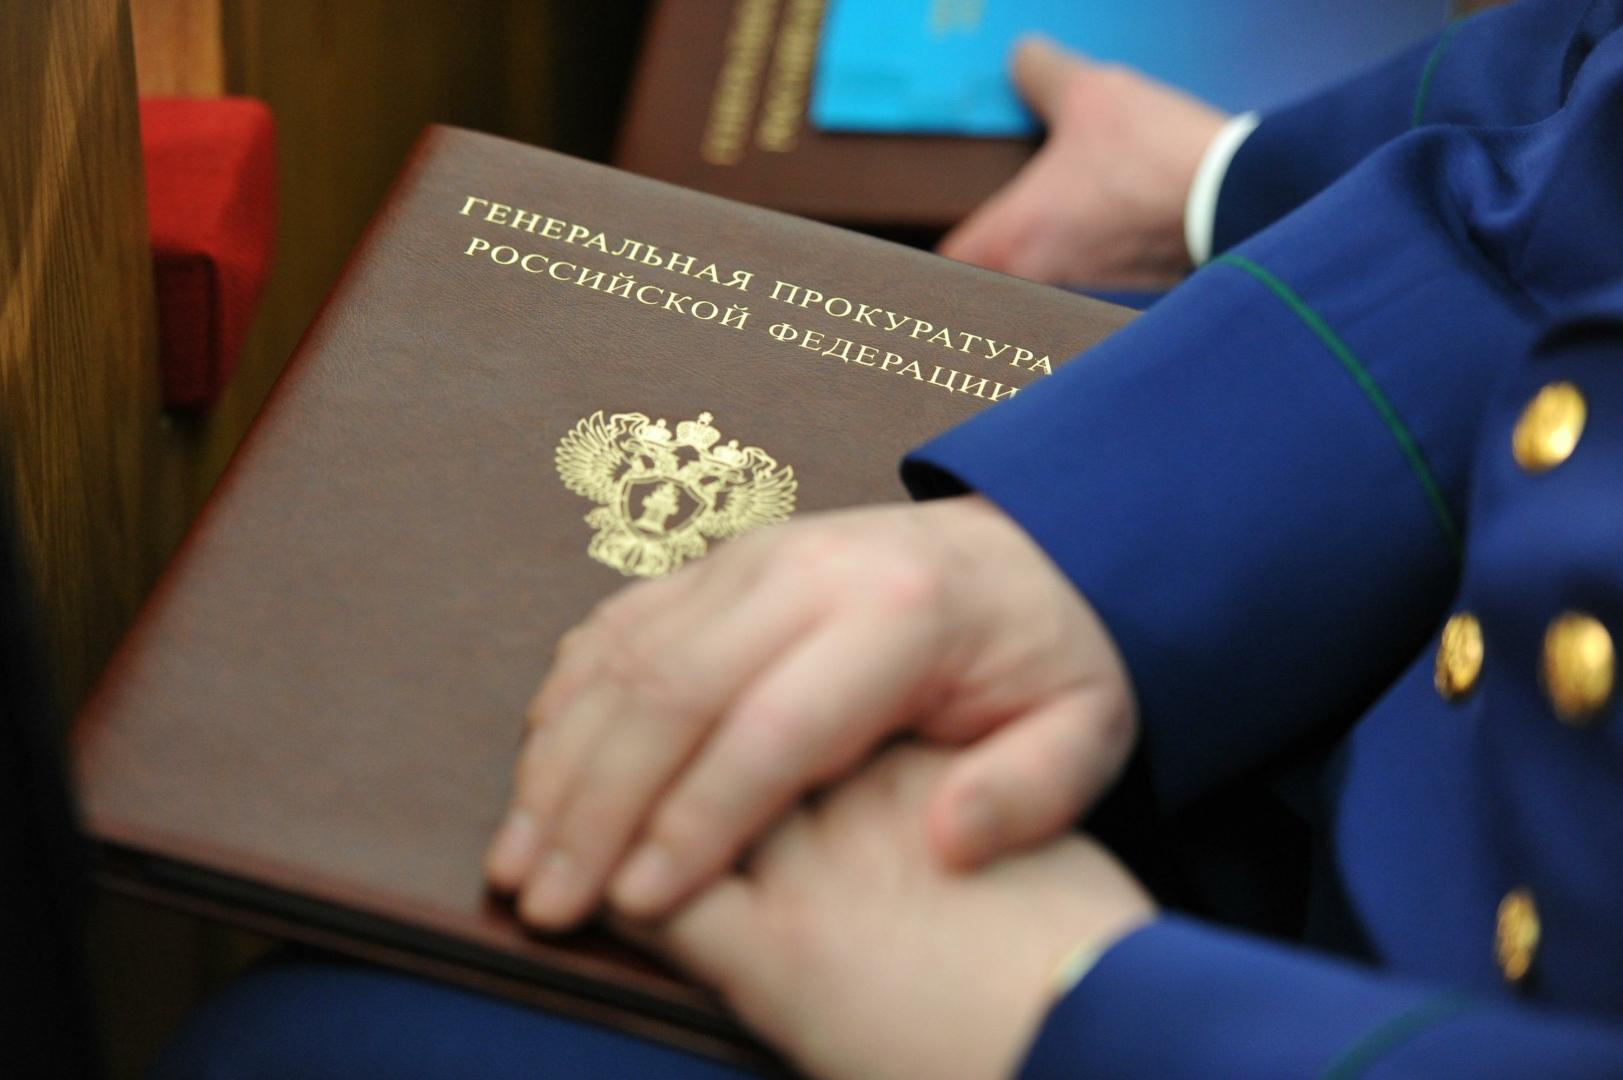 Прокурору кировского района г уфы